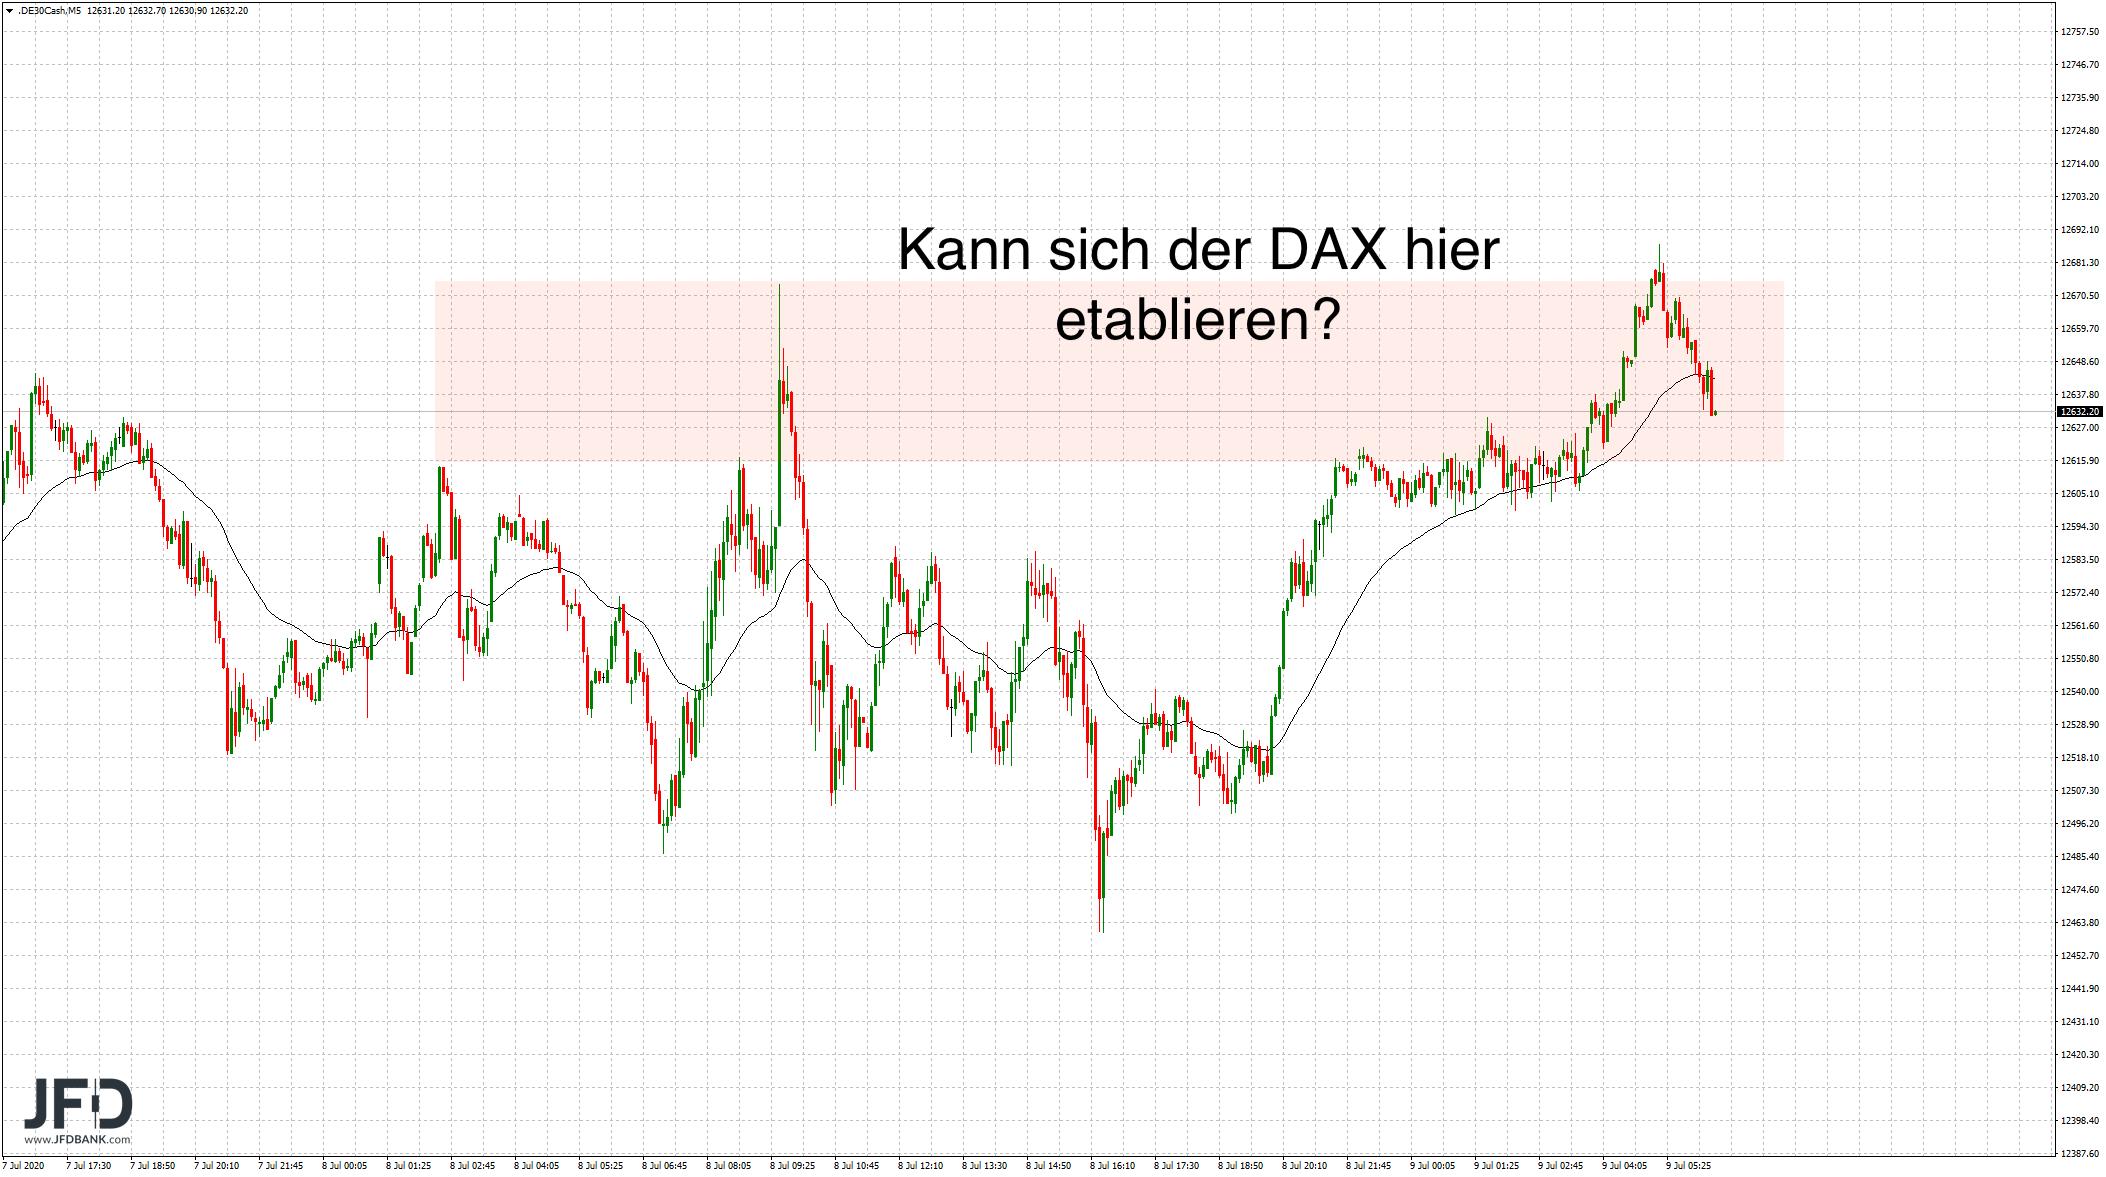 DAX-Widerstandszone für Donnerstag